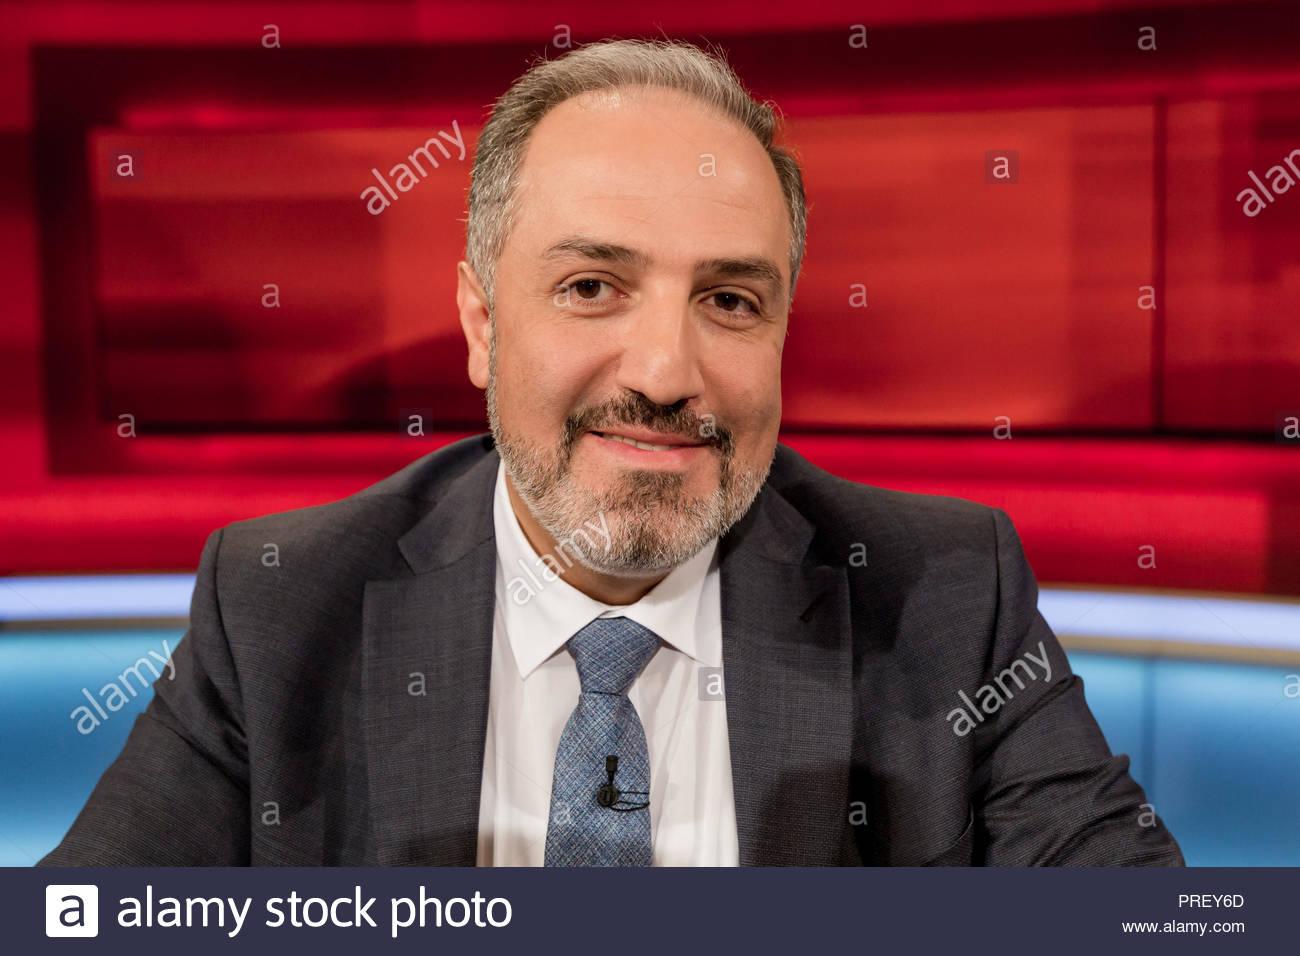 Mustafa Yeneroğlu, AKP-Abgeordneter der Großen Nationalversammlung der Türkei im Fernsehstudio bei Hart aber fair im Studio Adlershof in Berlin. - Stock Image